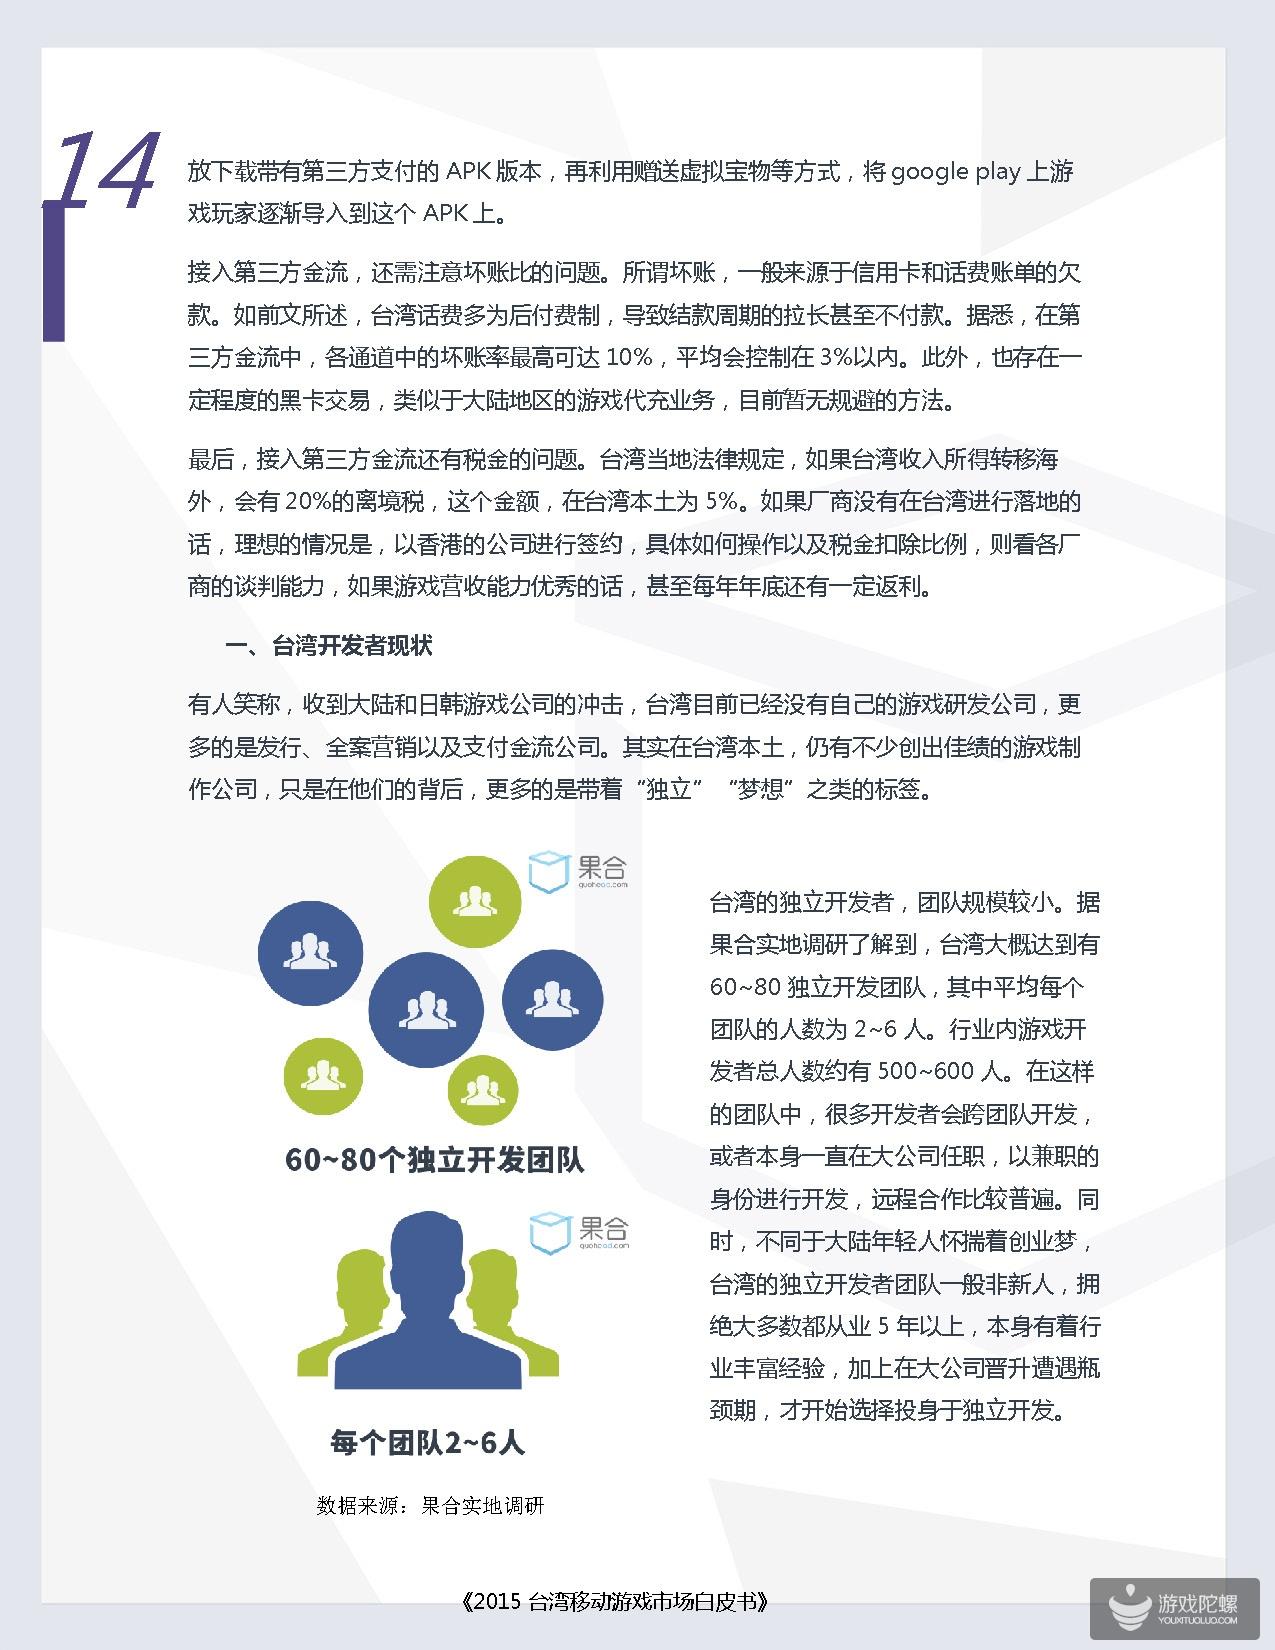 2015台湾移动市场白皮书_页面_15